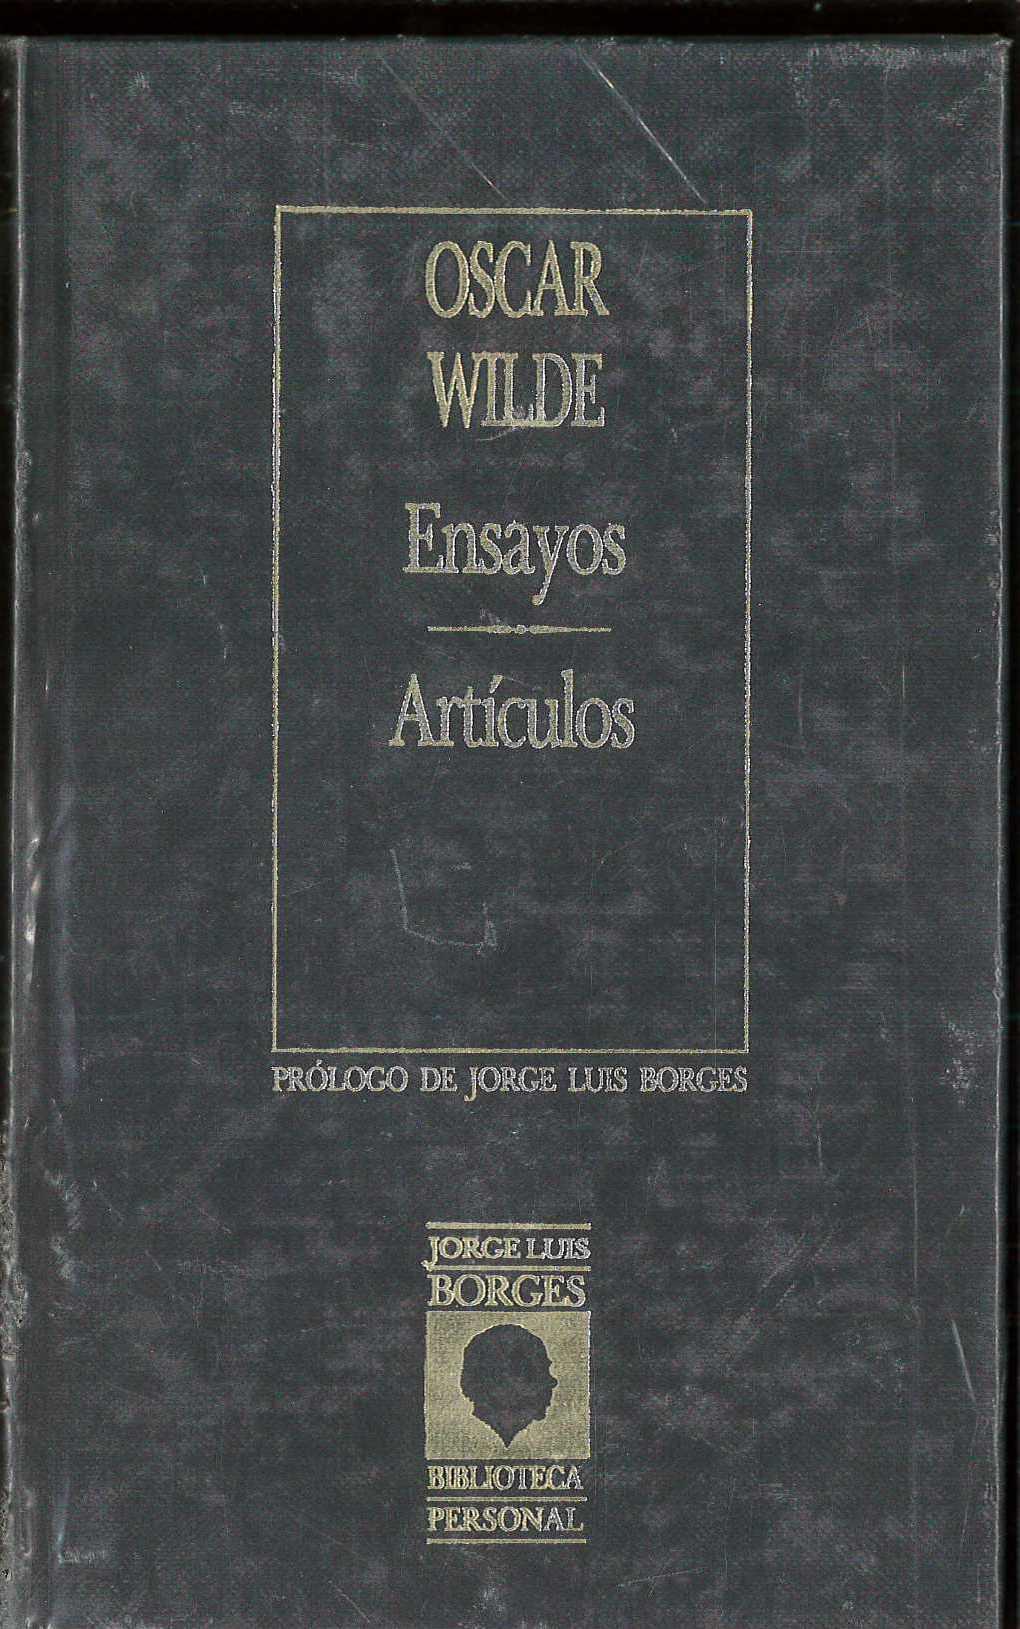 Artículos - Ensayos